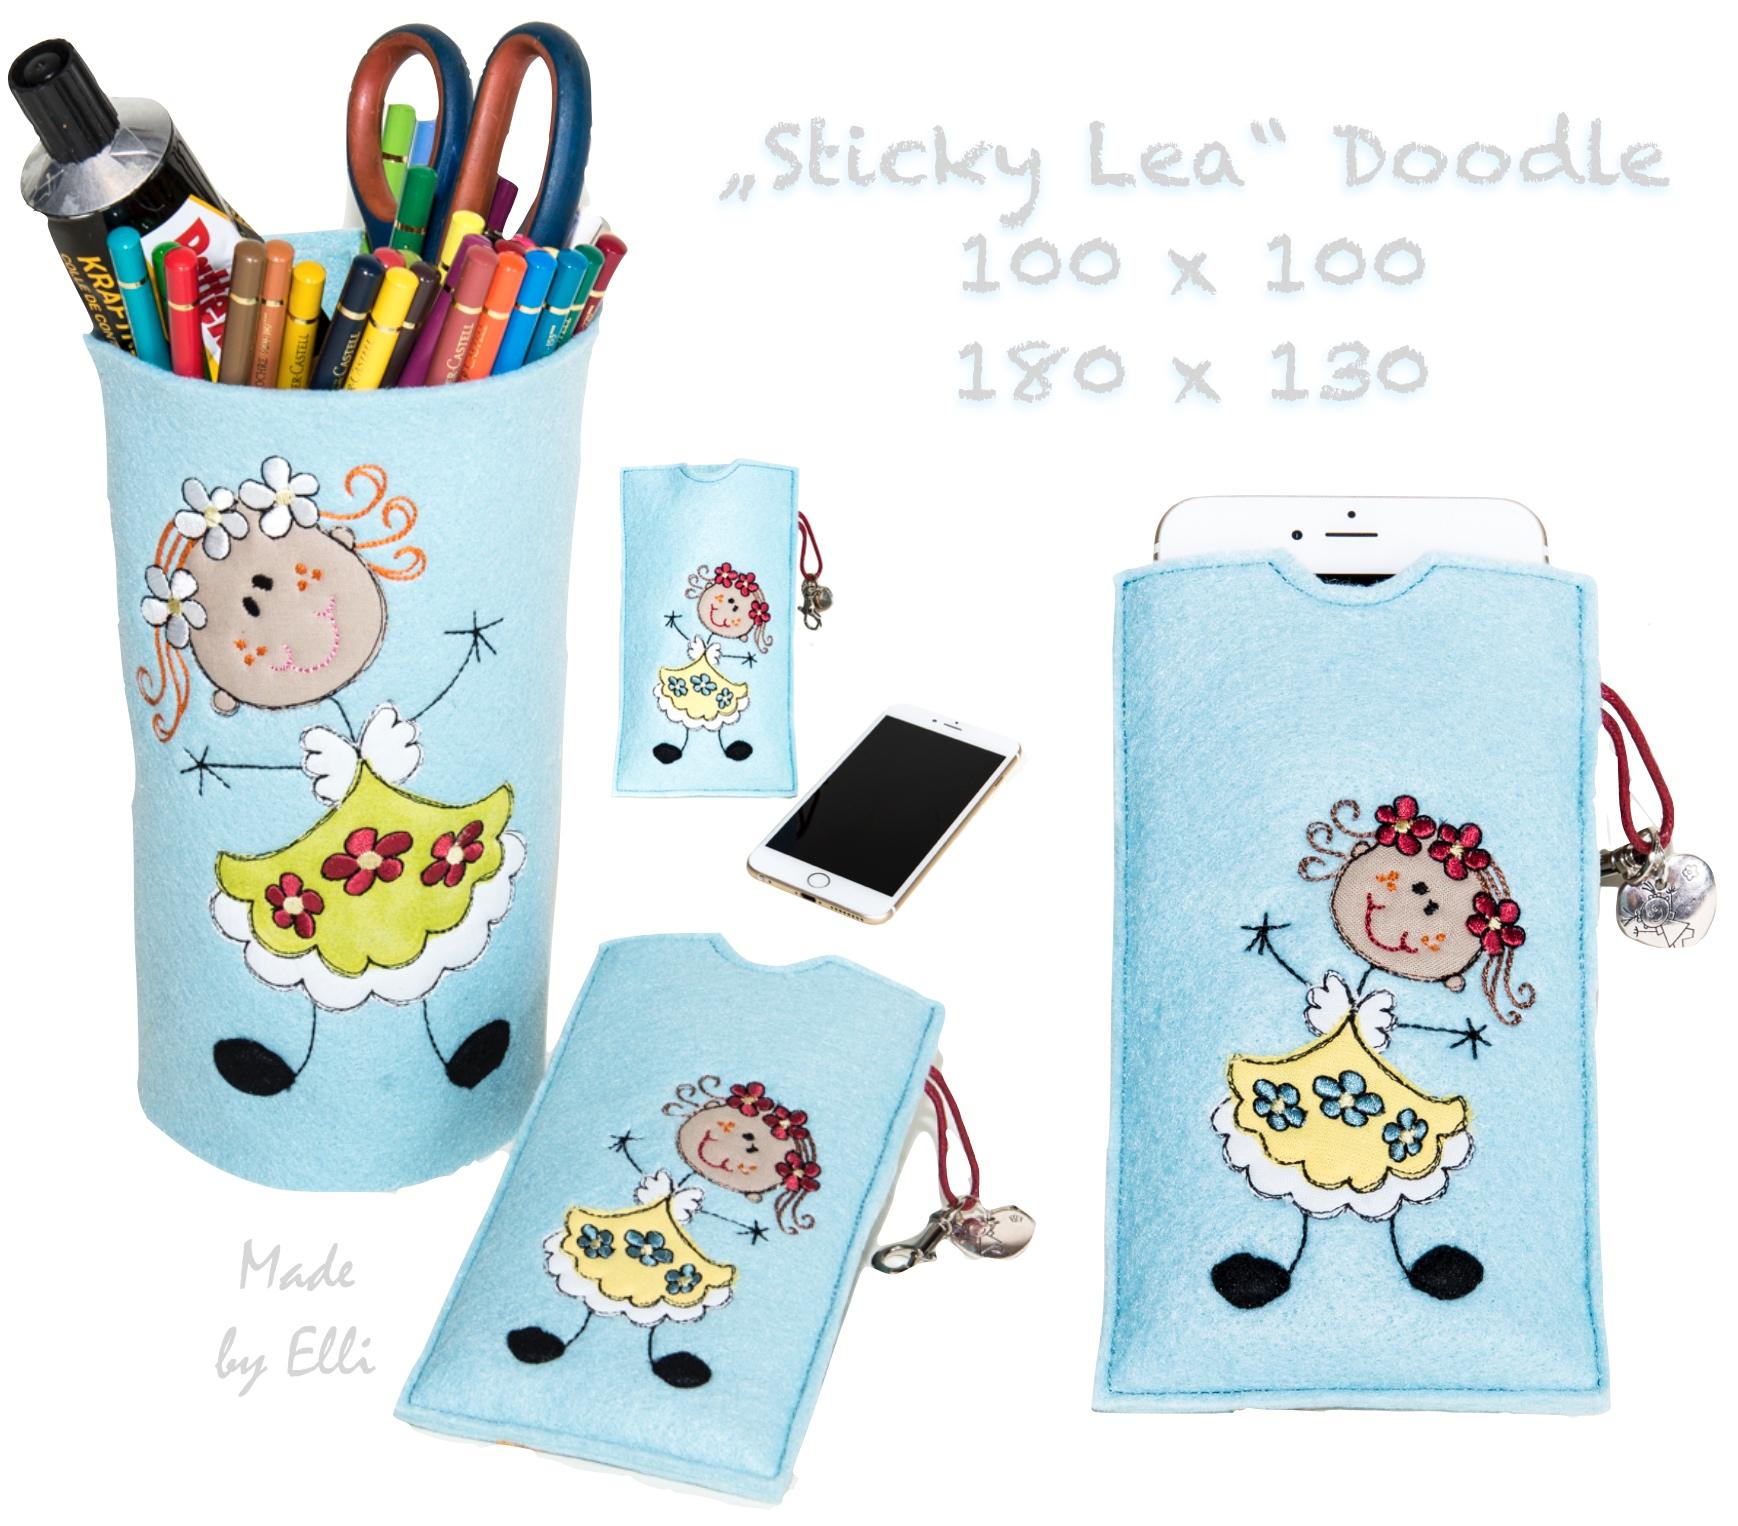 Sticky Lea von Elli